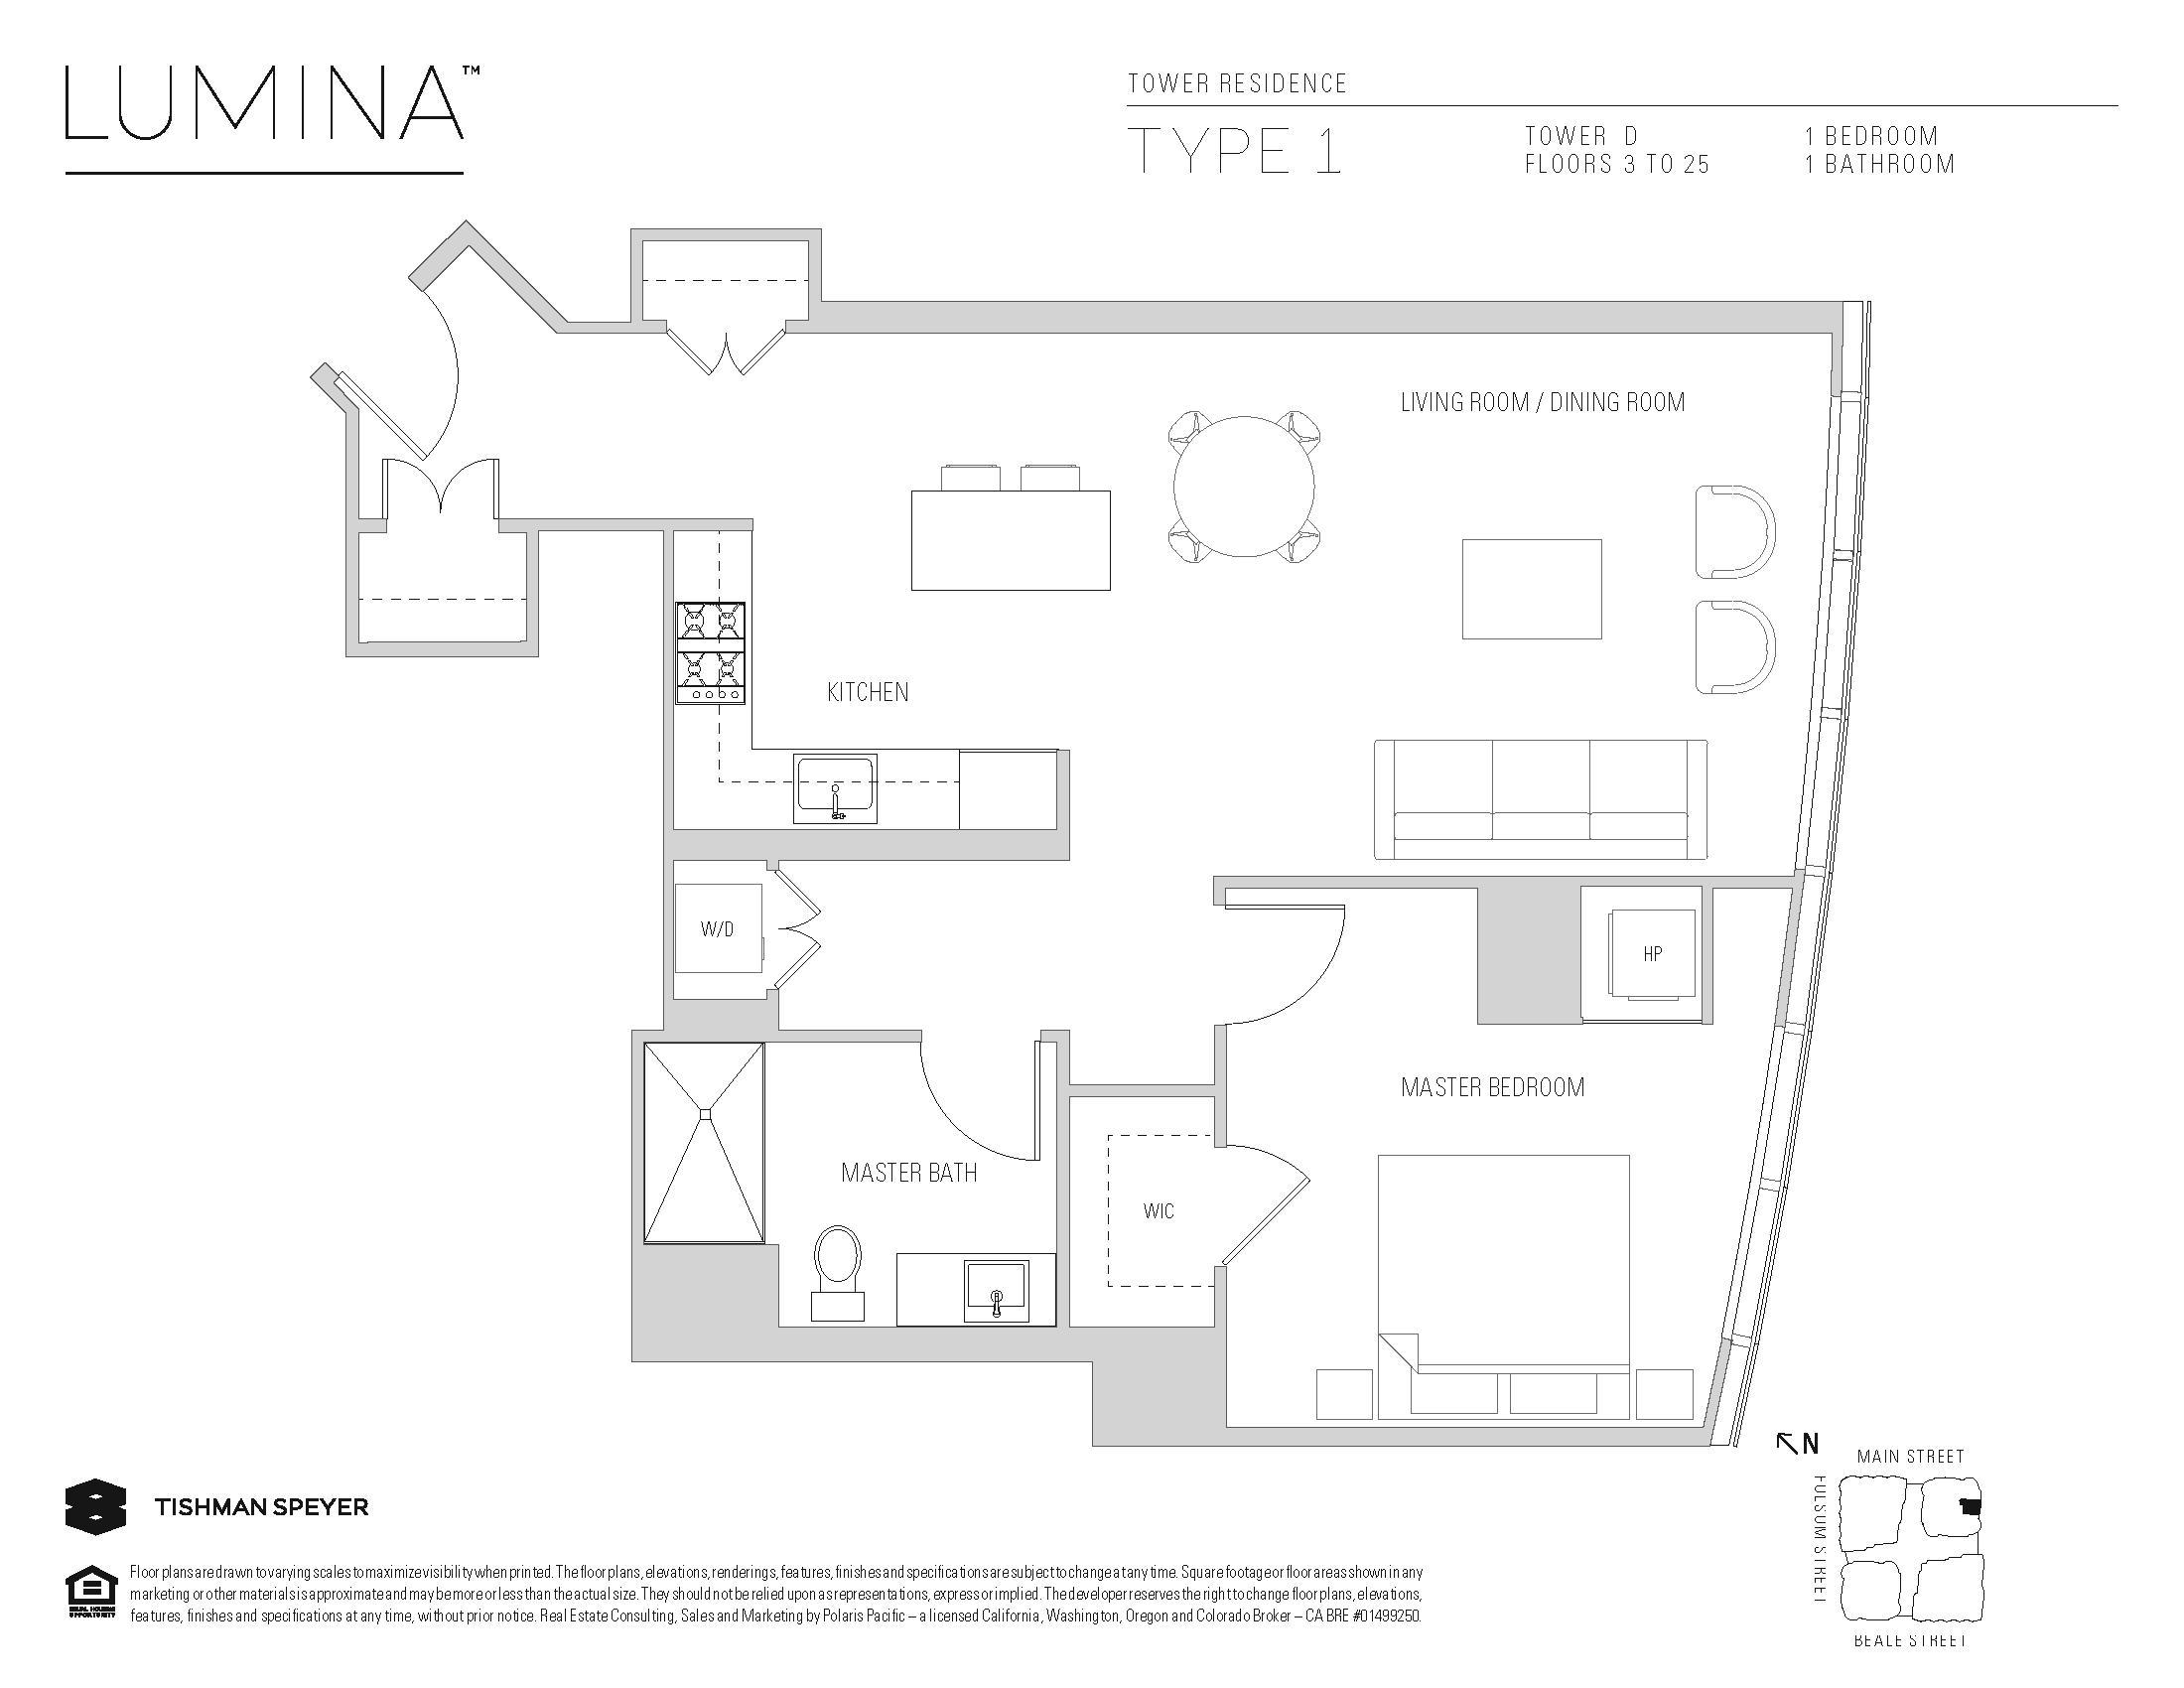 338 Main St., 23rd Floor – Lumina